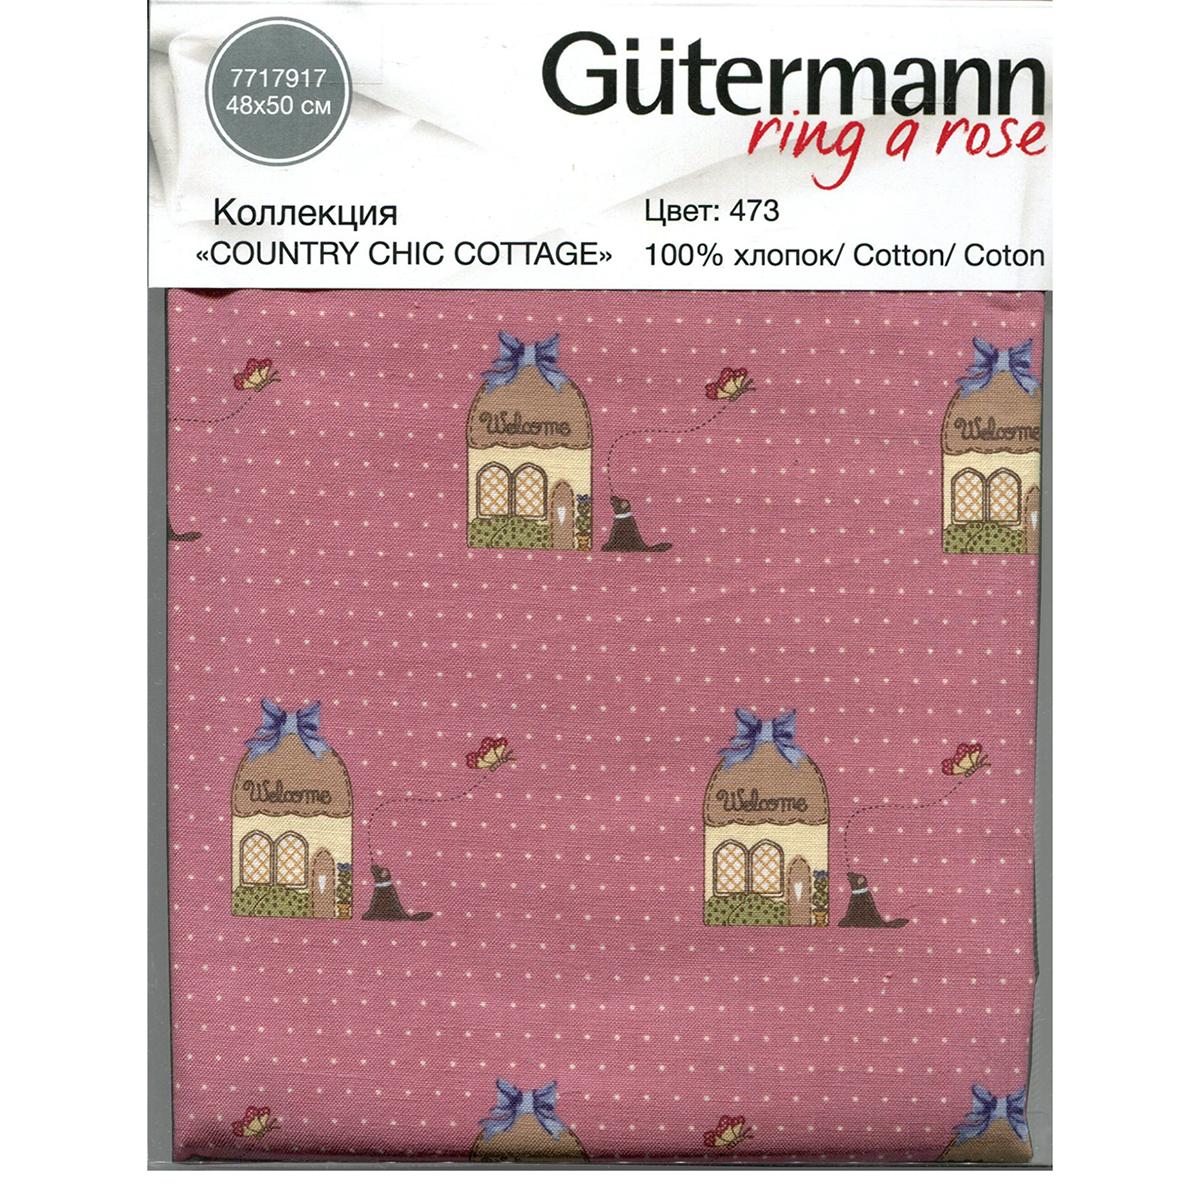 Ткань Gutermann Country Chic Cottage, 48 х 50 см. 649325_4737717917-473Хлопковая ткань от Gutermann (Гутерманн) выполнена из 100% натурального материала, идеально подойдет для шитья одежды, постельного белья, декорирования. Ткань не линяет, не осыпается по краям и не дает усадки.